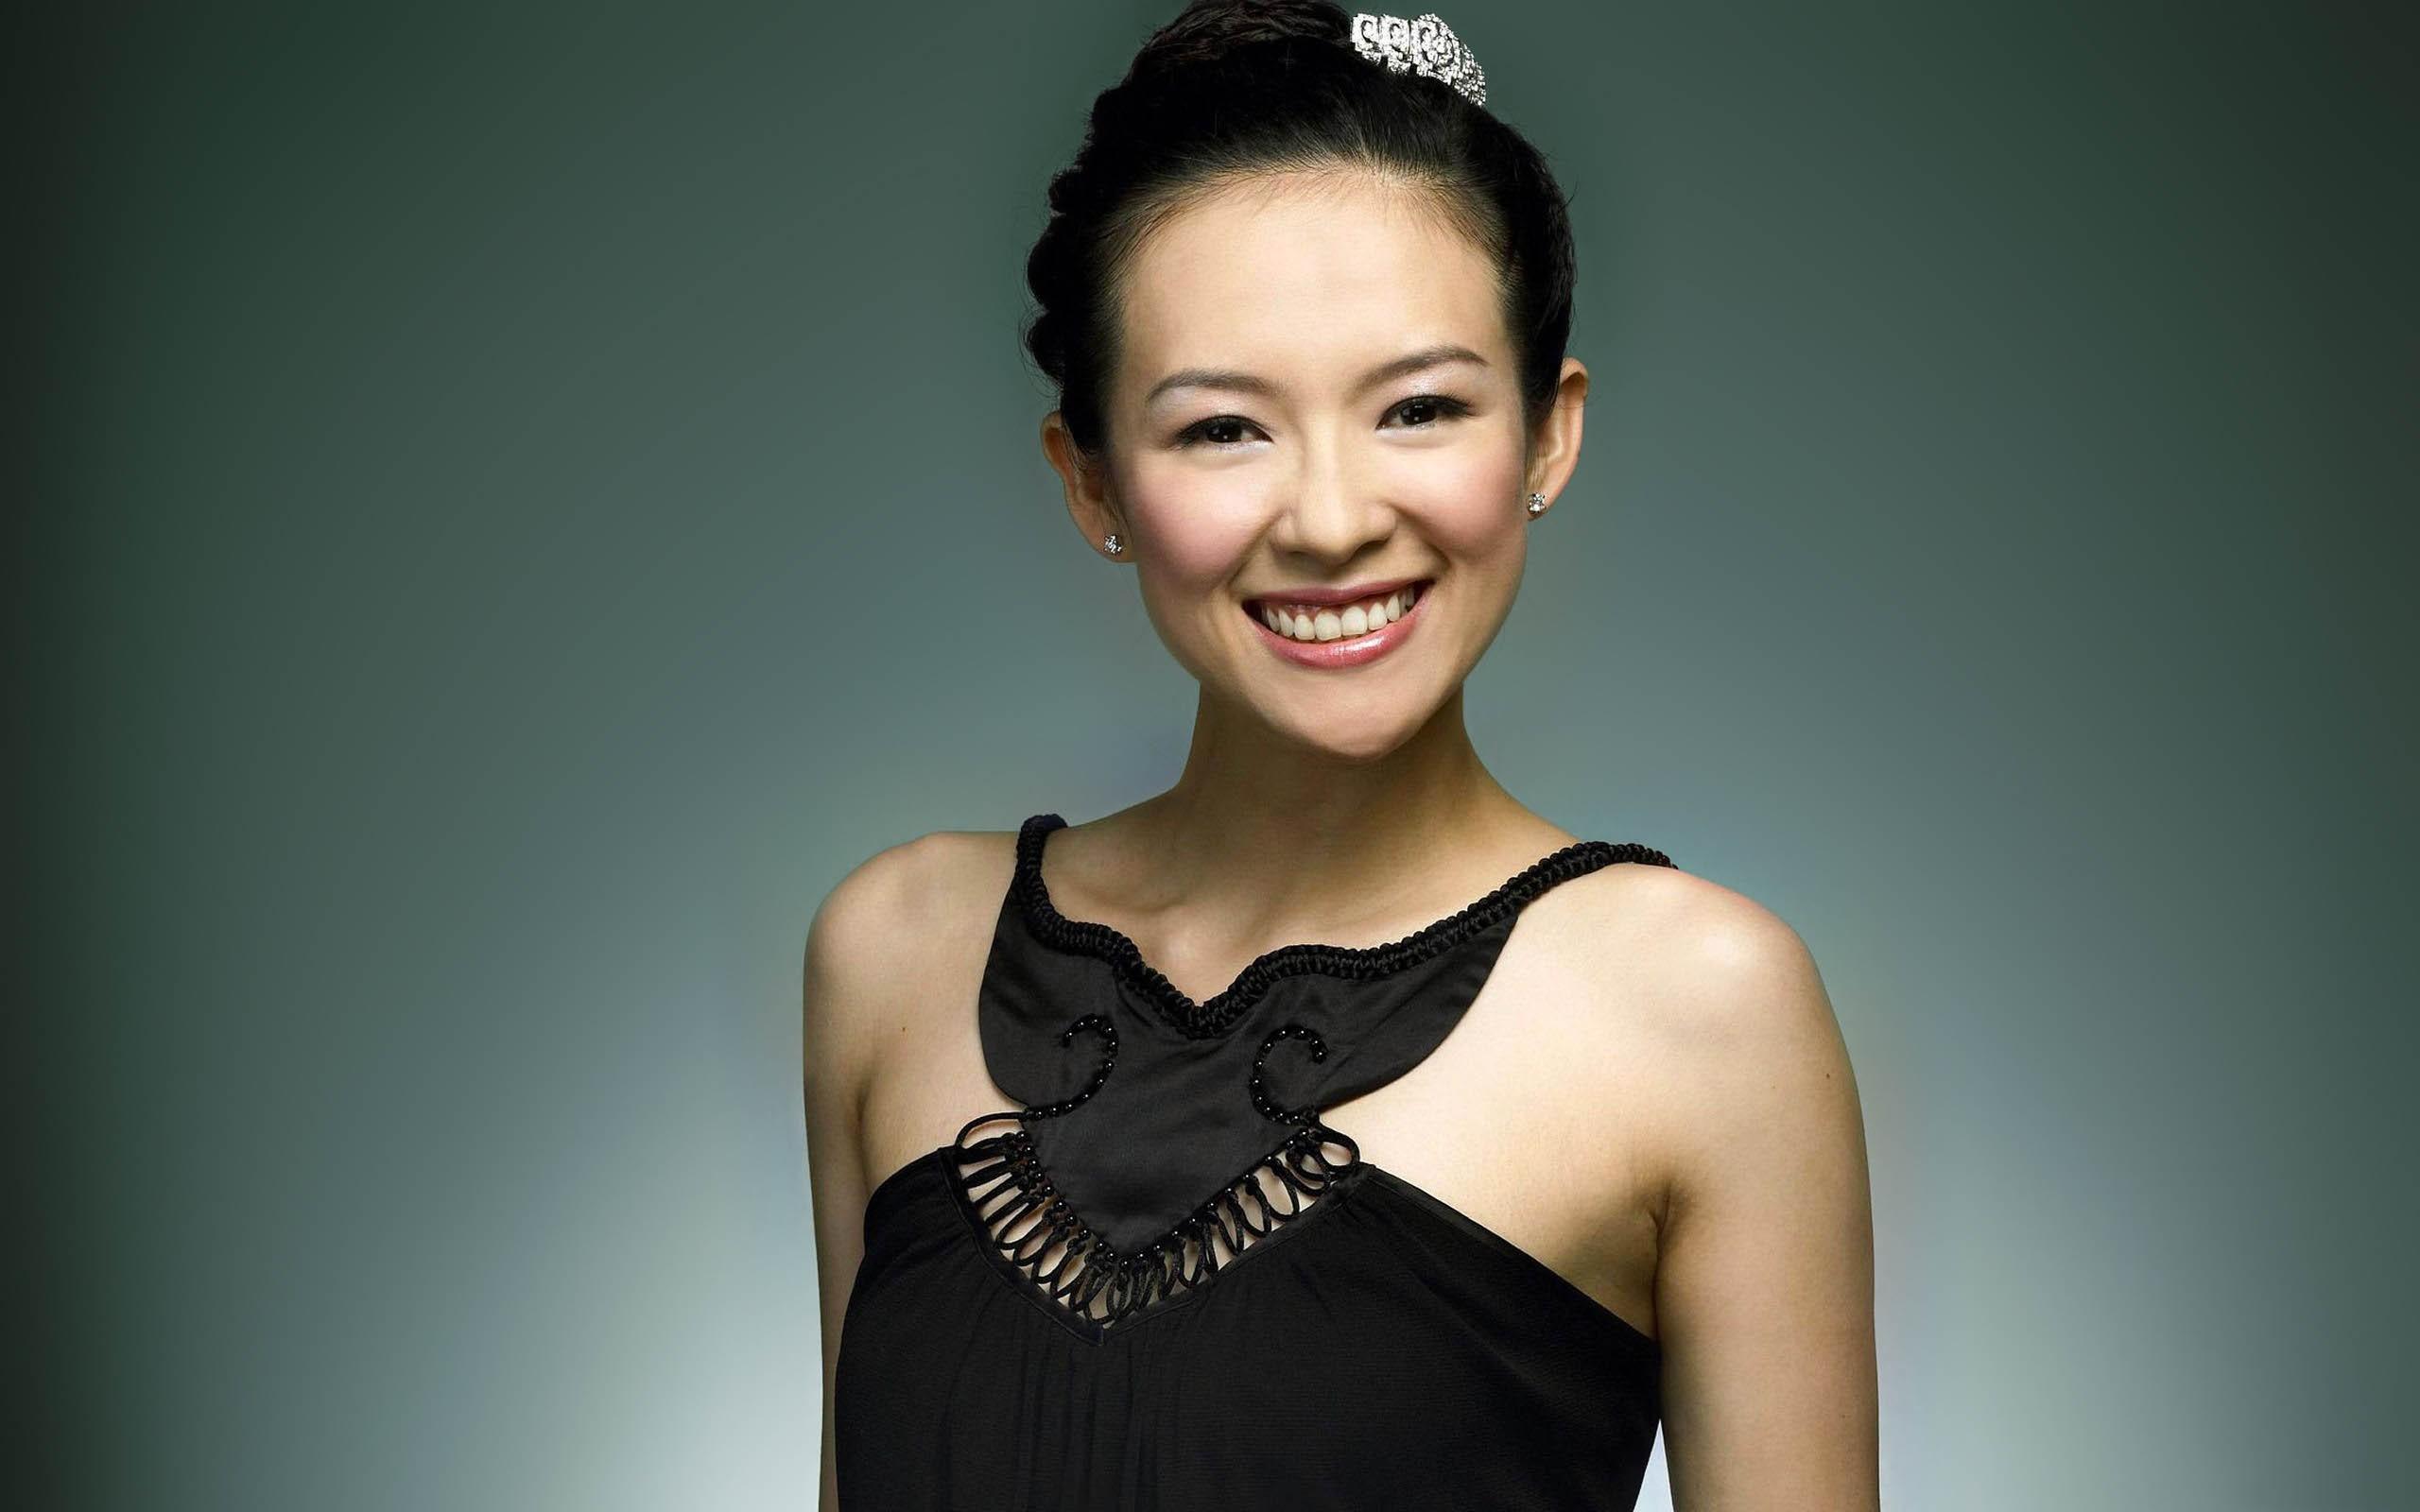 Ziyi Zhang con vestido de gala - 2560x1600